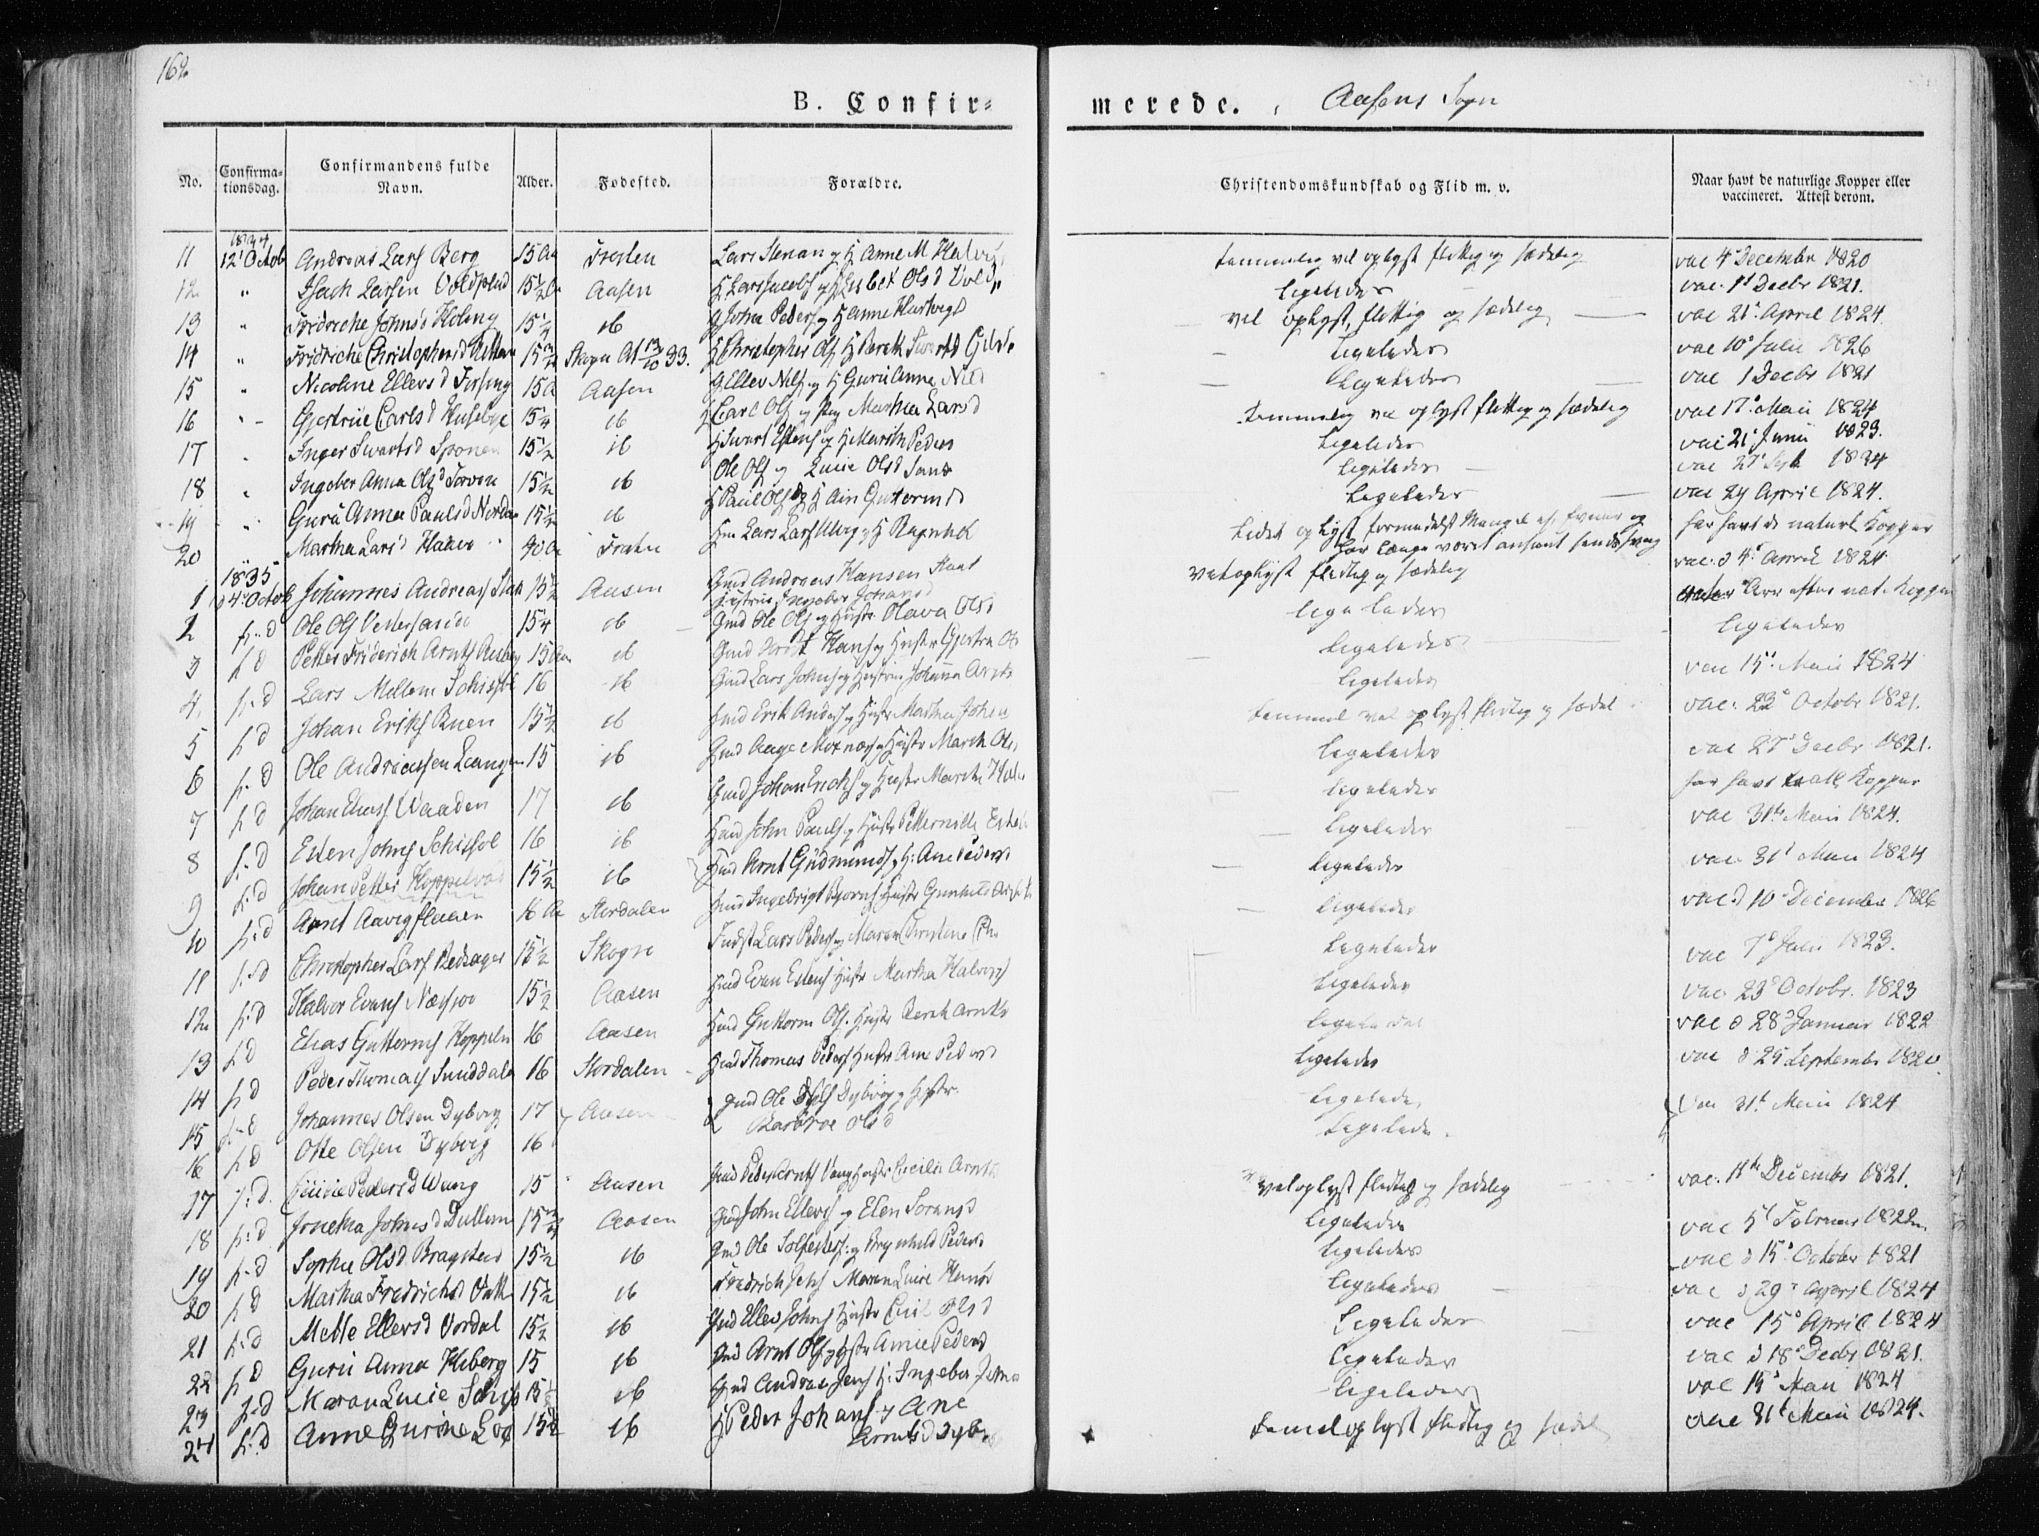 SAT, Ministerialprotokoller, klokkerbøker og fødselsregistre - Nord-Trøndelag, 713/L0114: Ministerialbok nr. 713A05, 1827-1839, s. 162